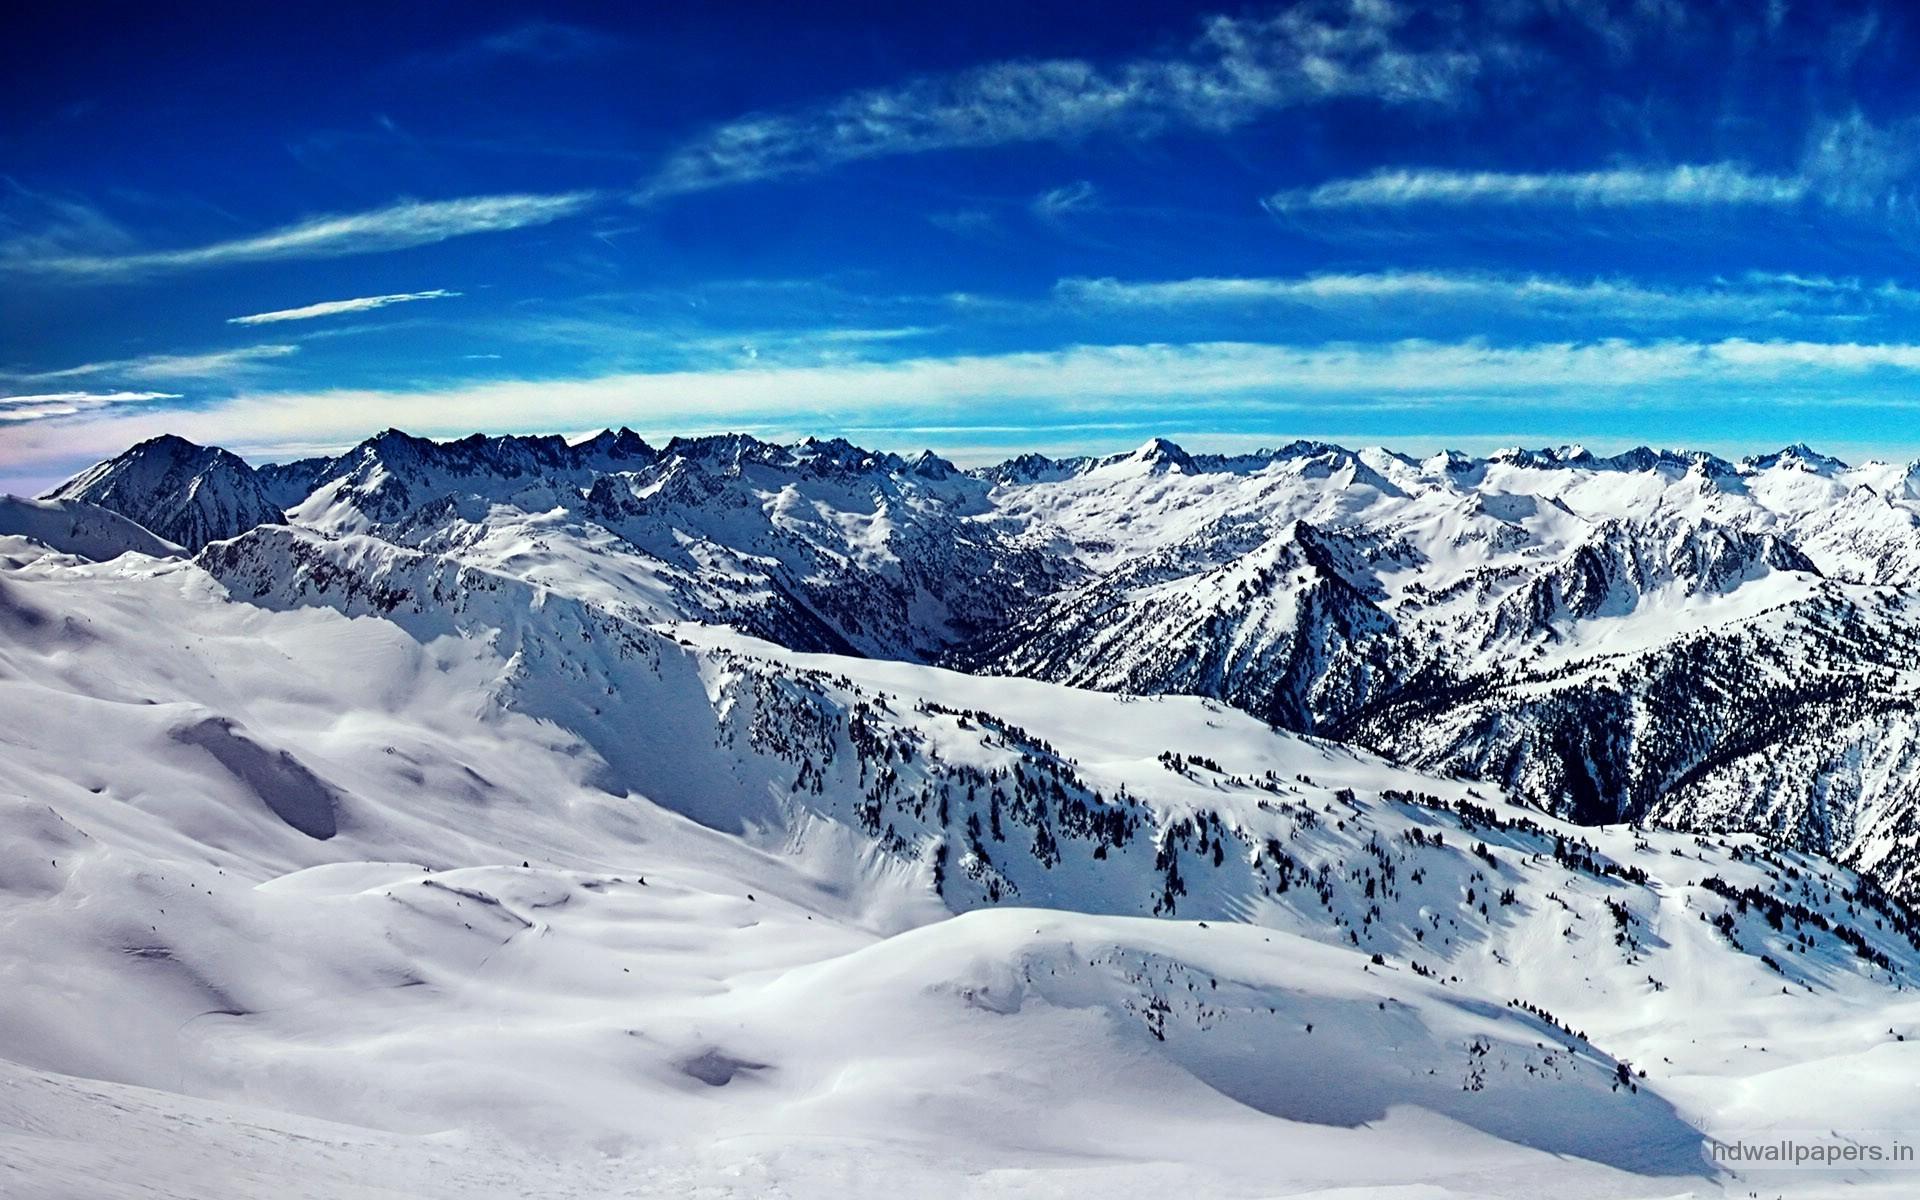 65 Snow Mountain Wallpaper HD 1920x1200